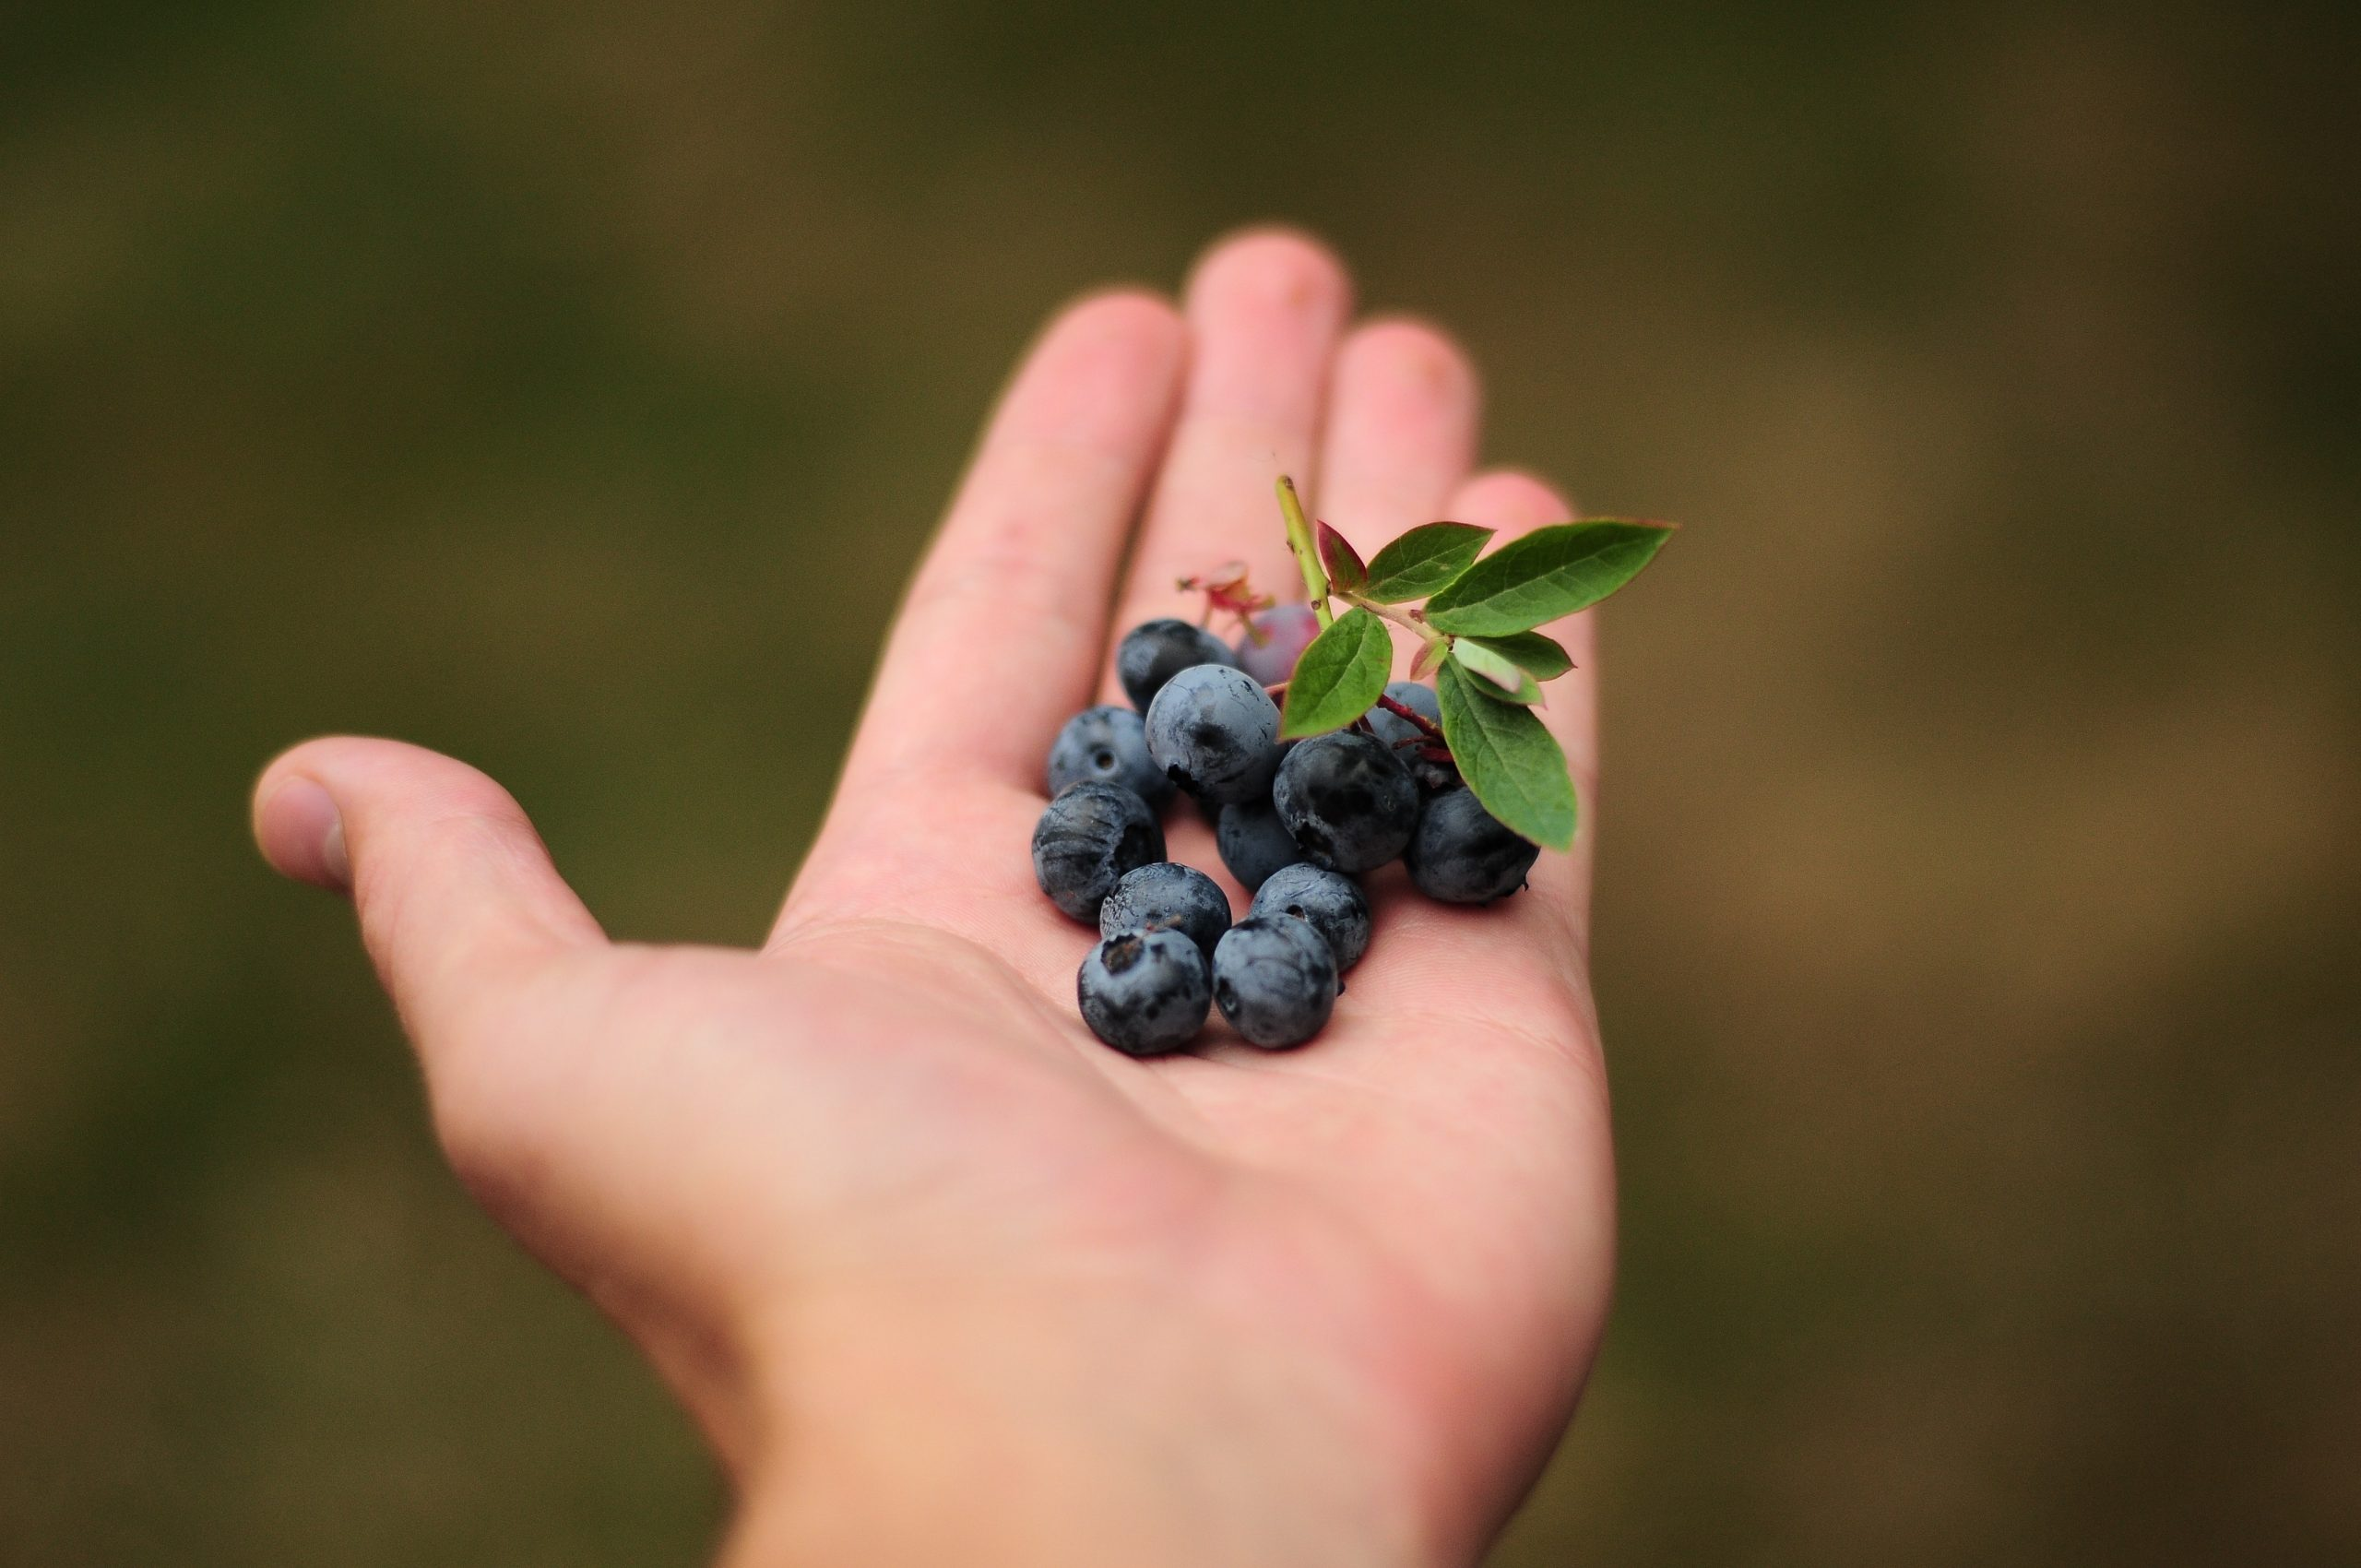 Tavaszi felfrissülés az erdei gyümölcsök erejével!